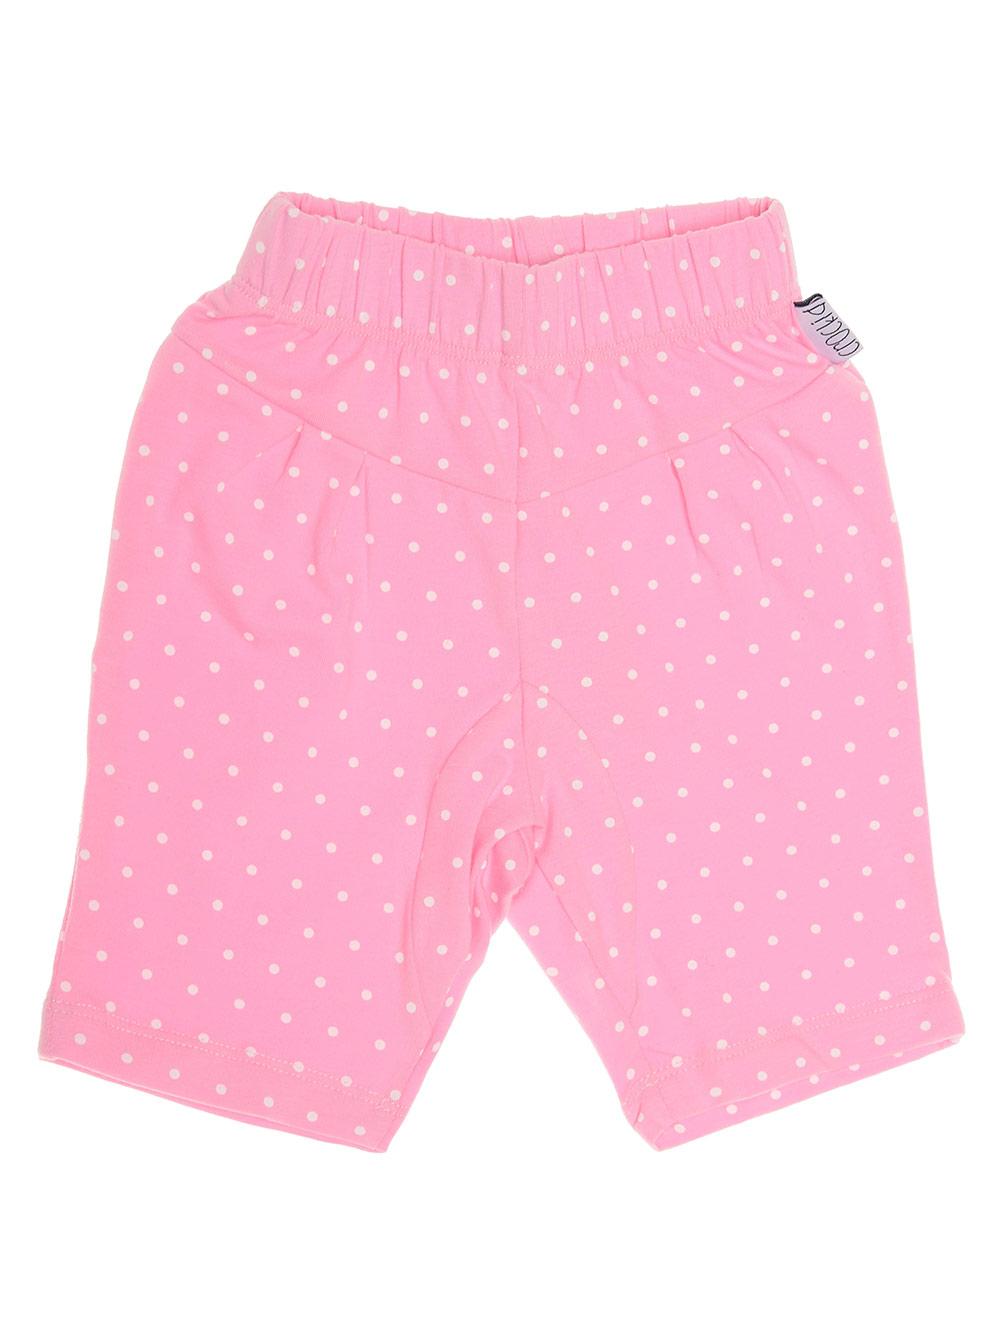 """Панталонки трико """"Точици в розово"""", 3-12 мес."""